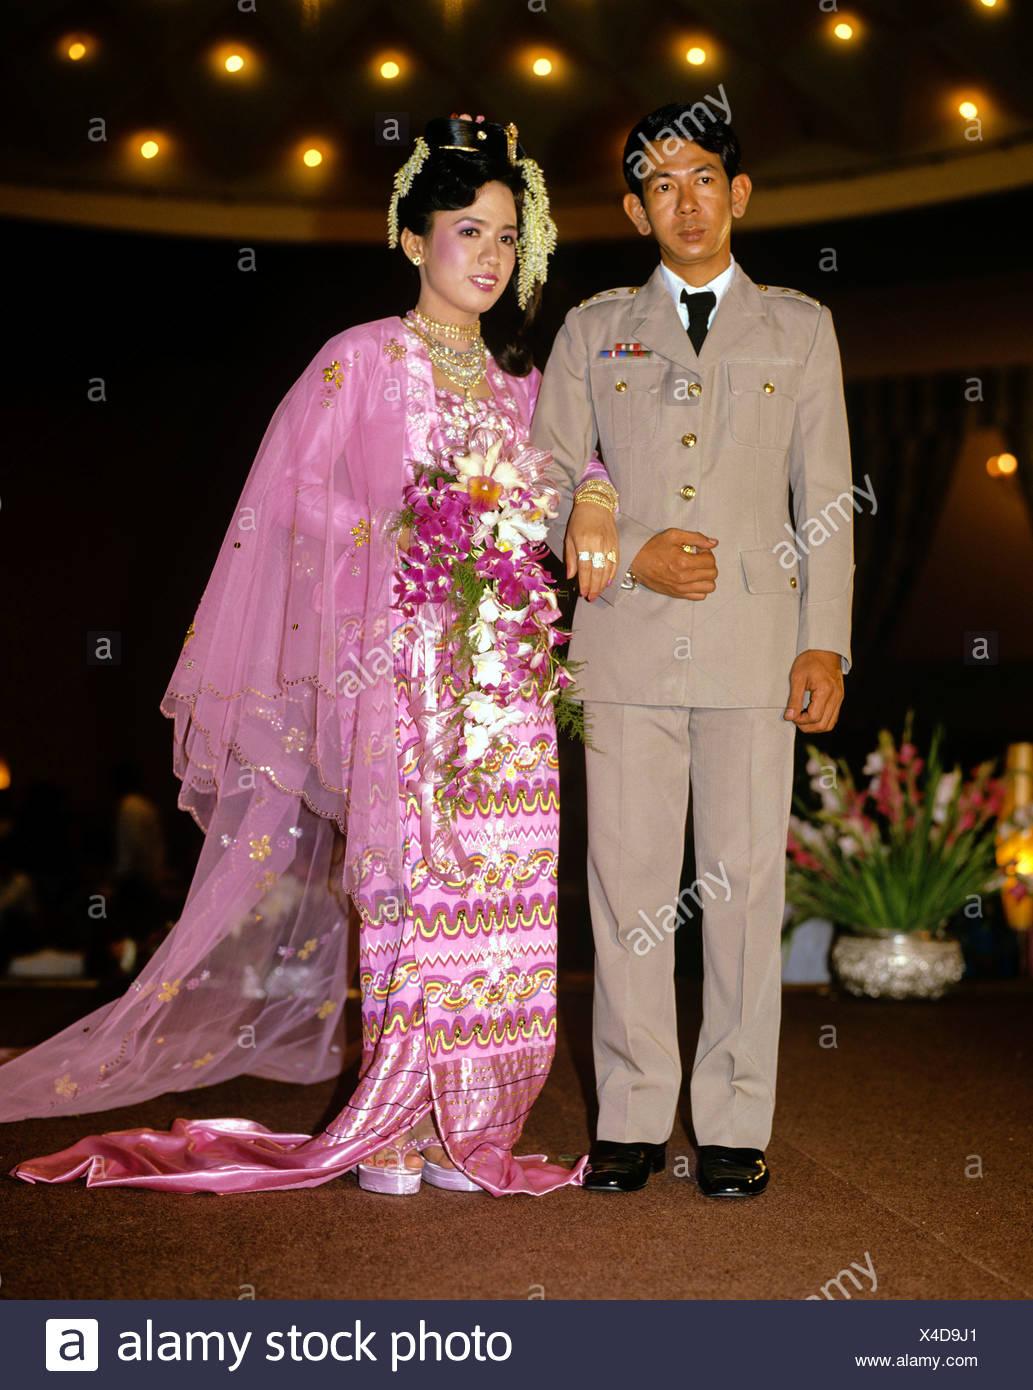 Pareja nupcial, el novio que vestía uniforme militar, novia vestidos ...